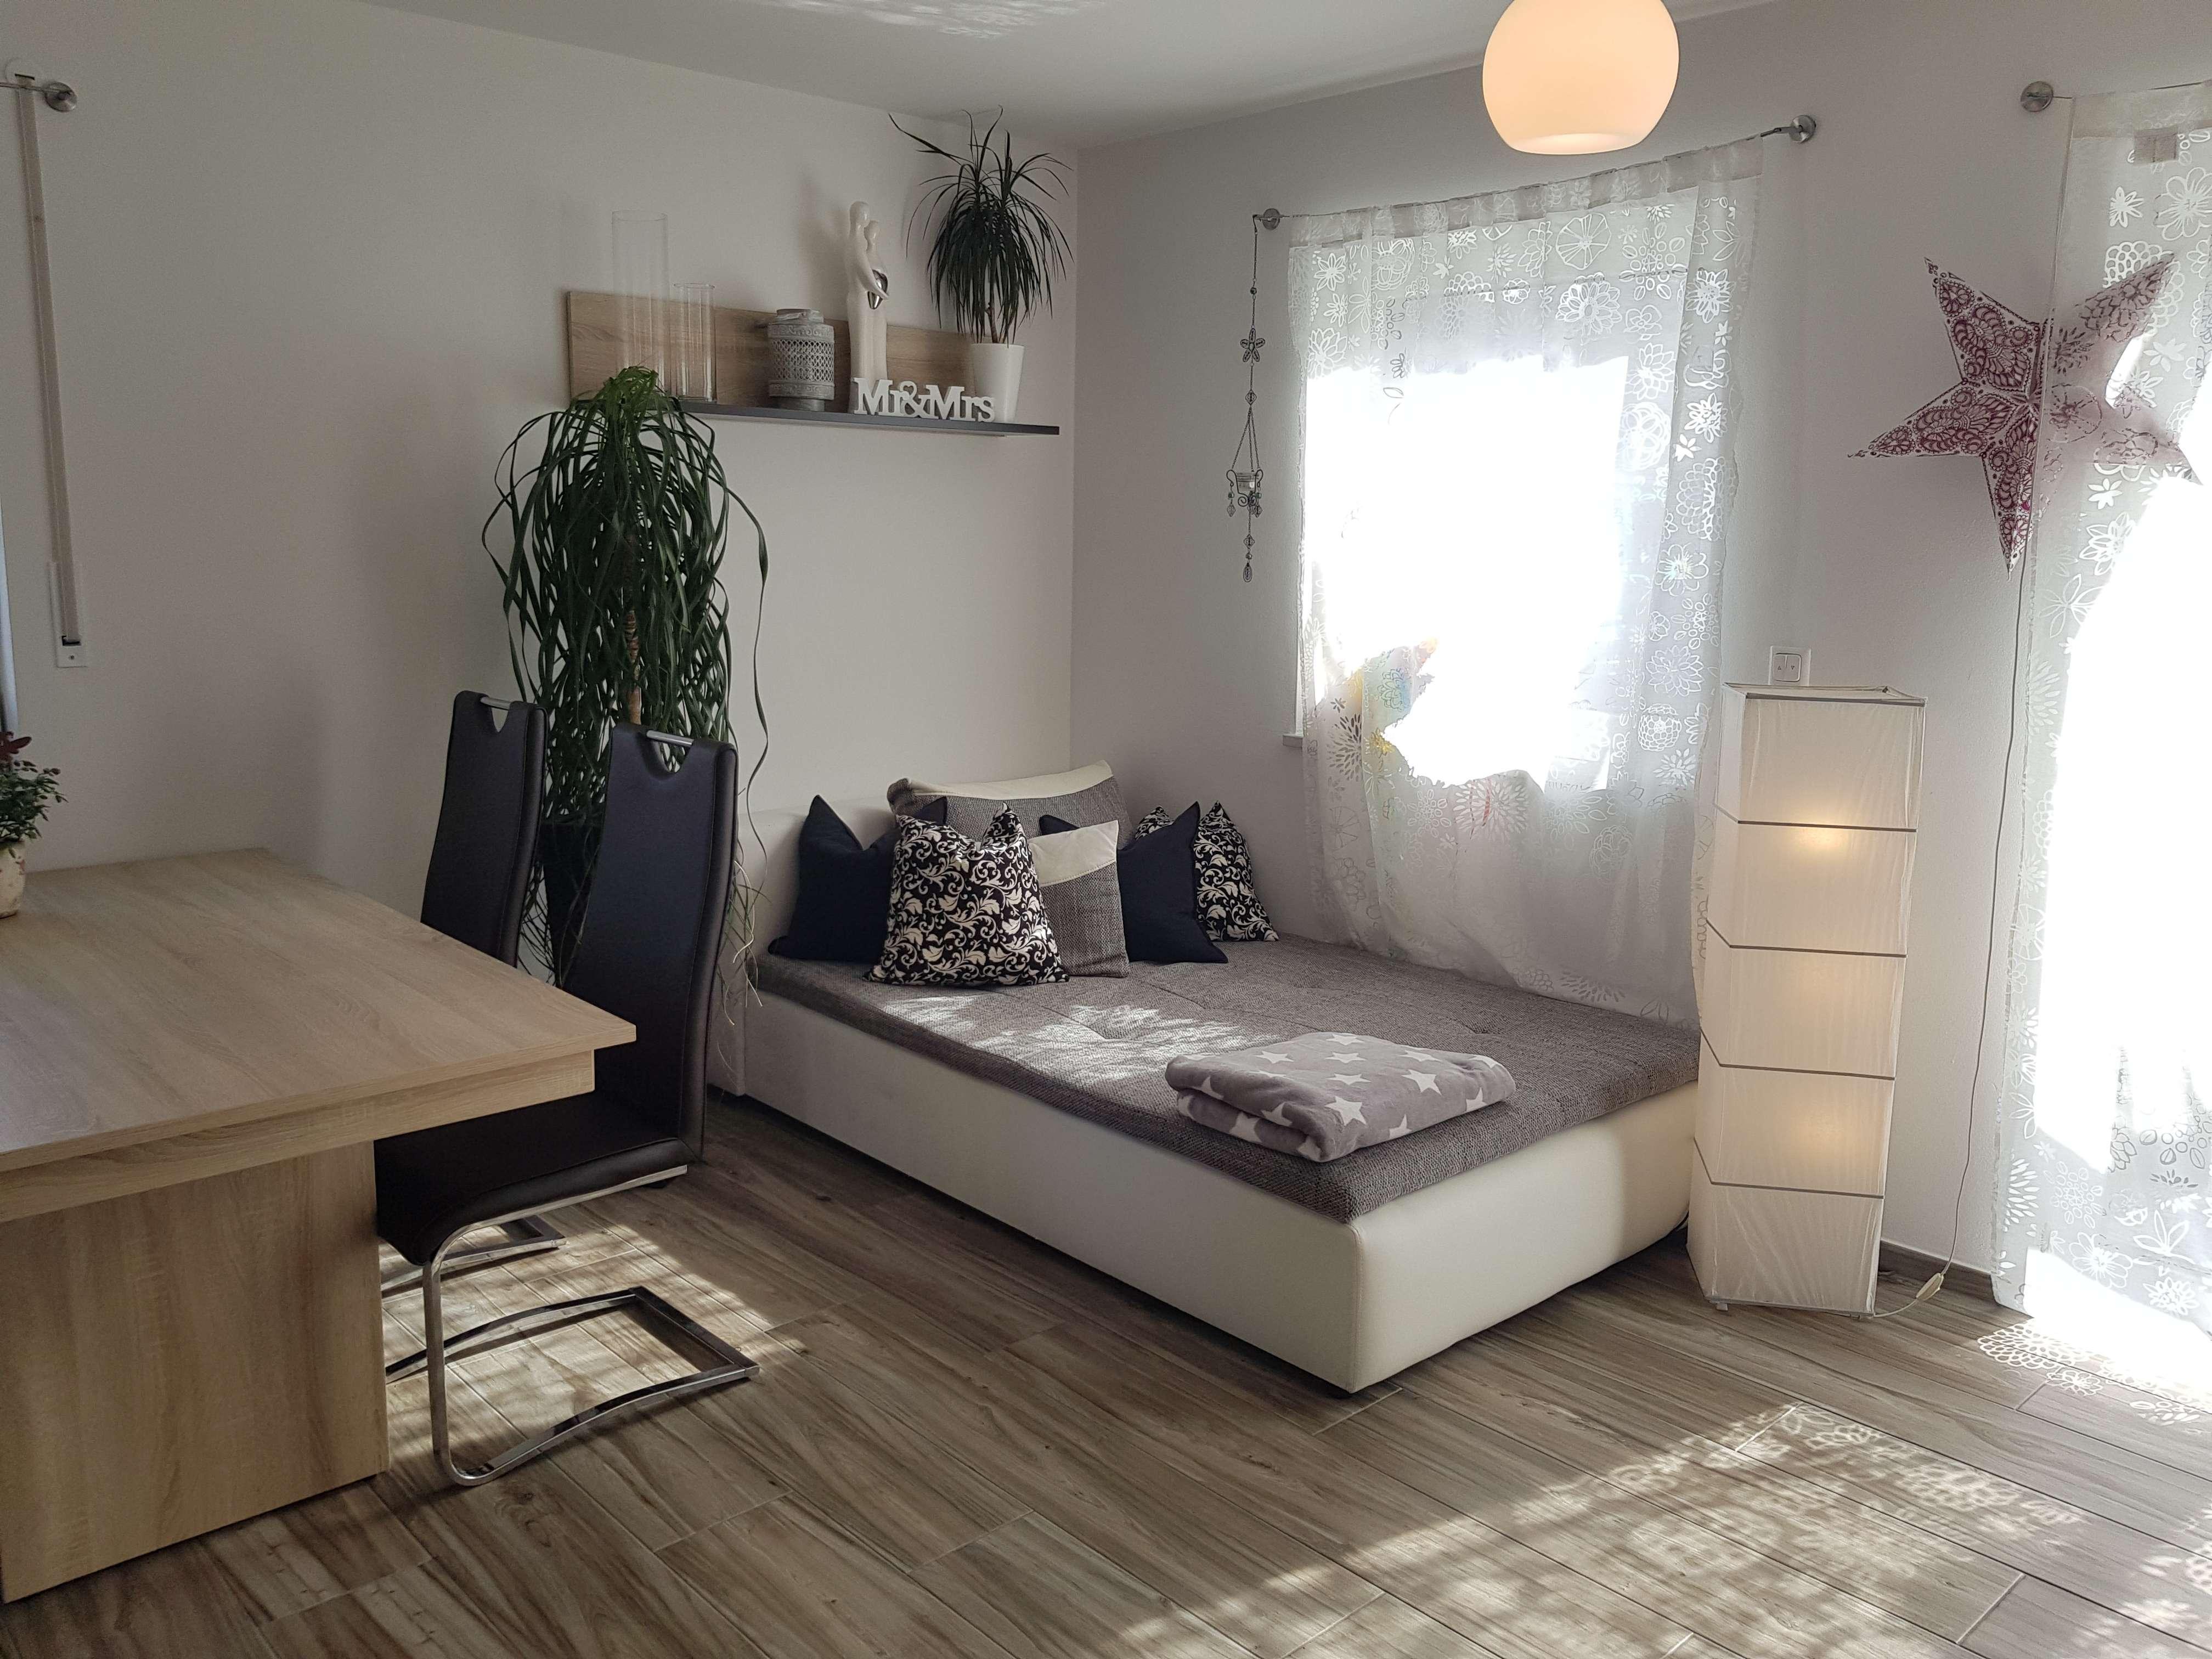 Vollmöblierte Maisonette-Wohnung mit kleinem Garten für ein Jahr in Perlach (München)